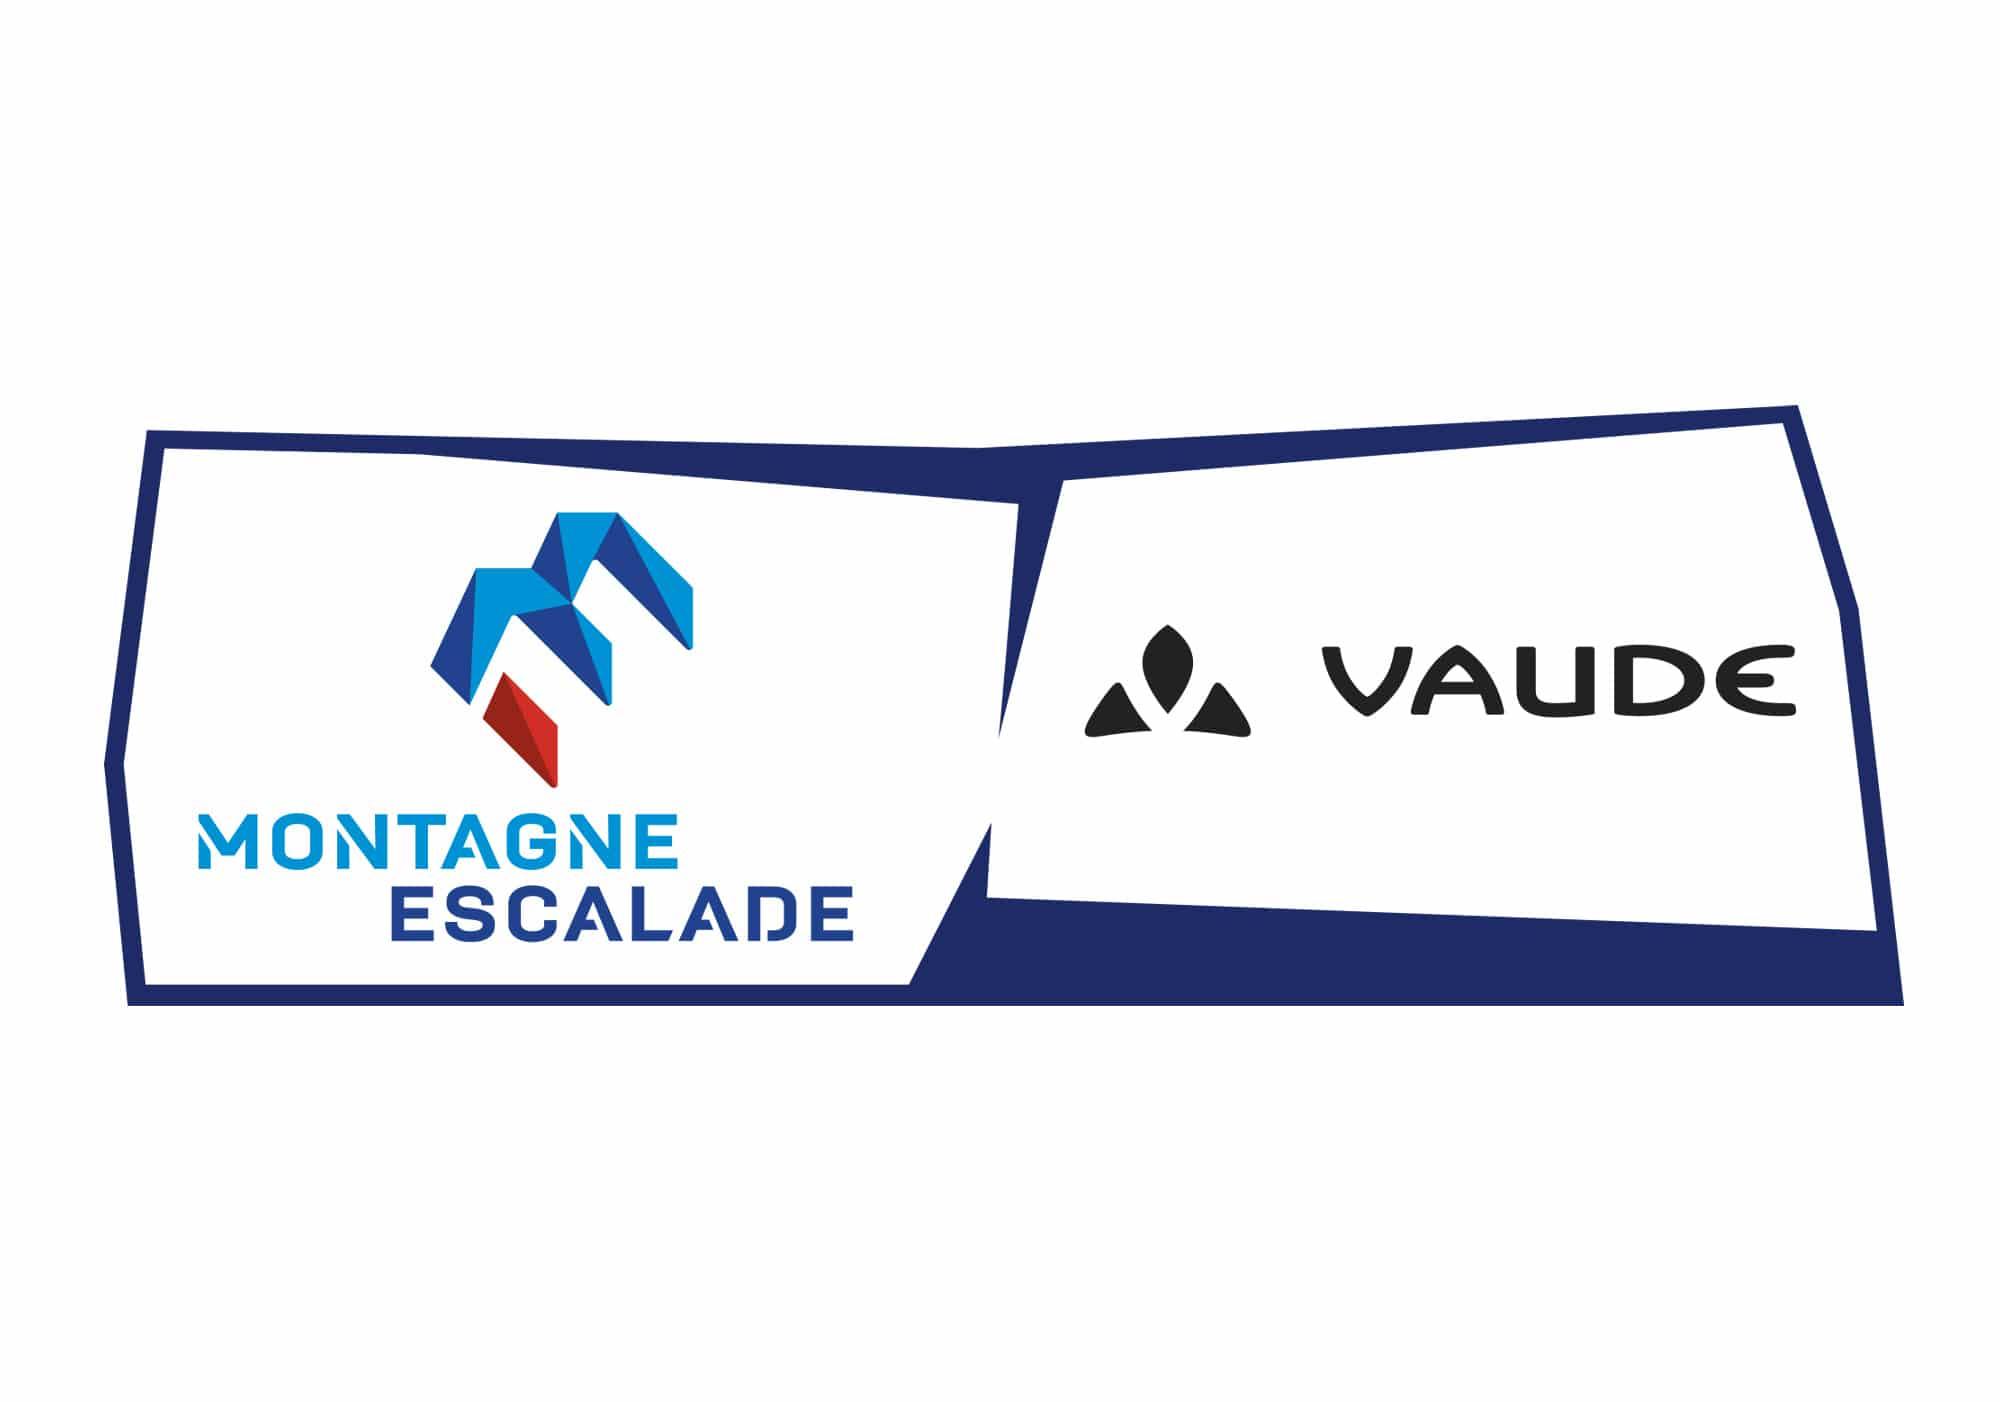 La société Vaude continue de soutenir les équipes nationales d'alpinisme